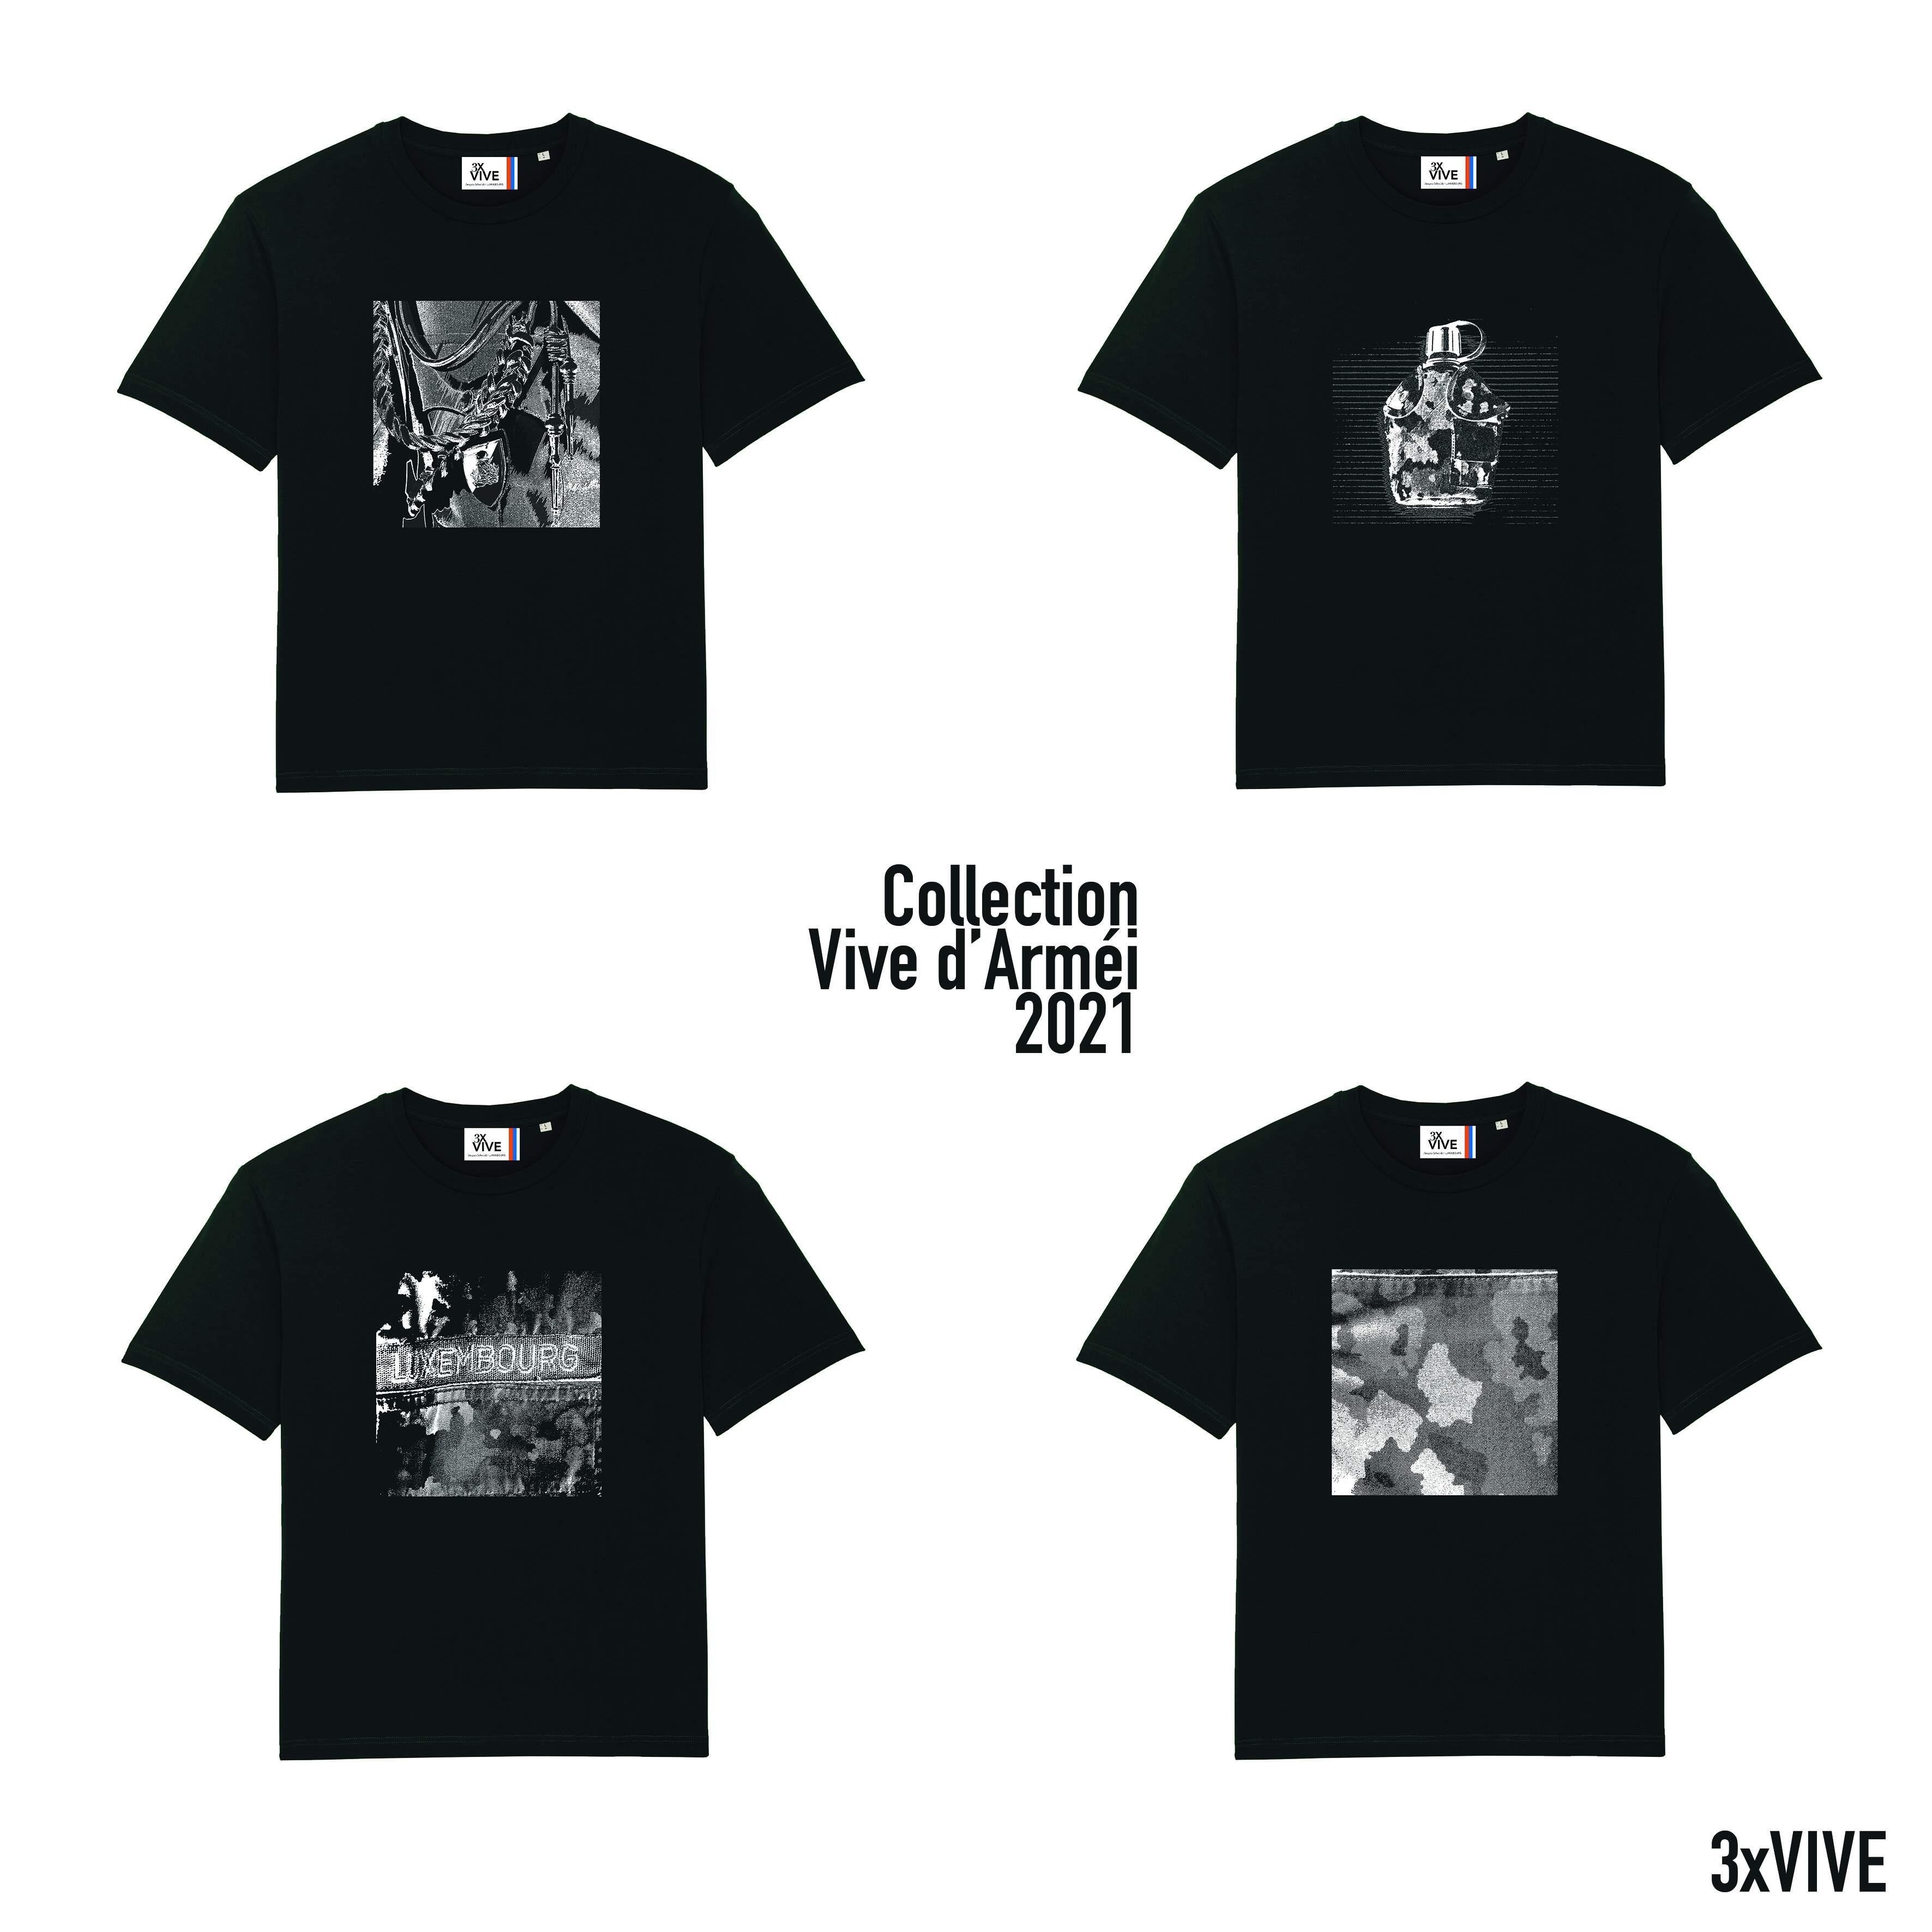 Collection Vive d'Arméi lot de 4 T-shirts